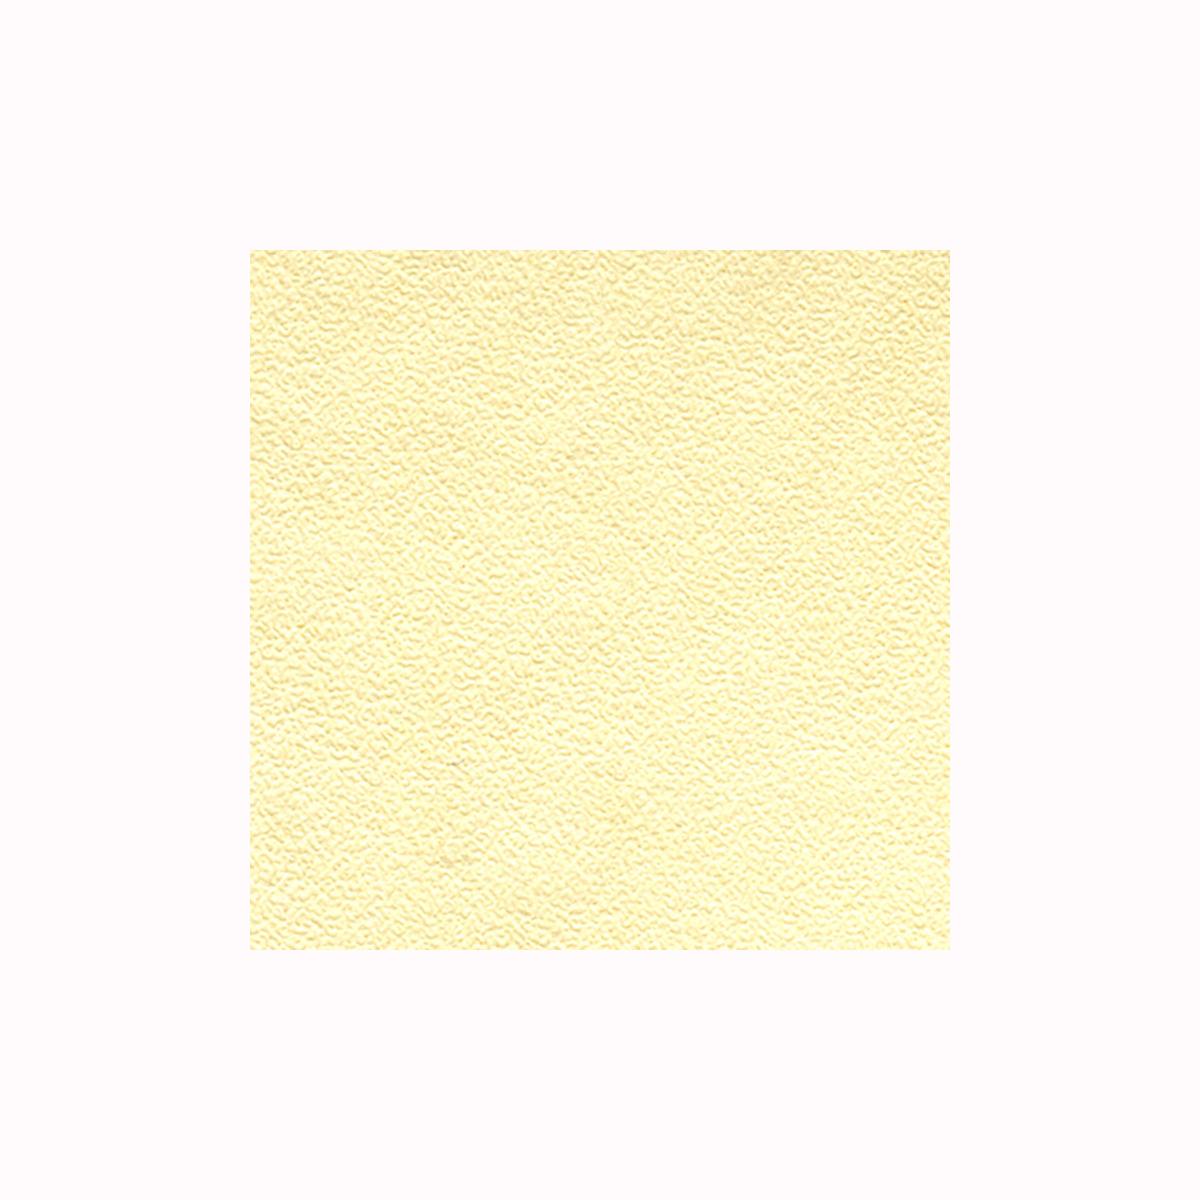 Бумага фактурная Лоза Яичная скорлупа, цвет: слоновая кость, 3 листа97775318Фактурная бумага для скрапбукинга Лоза Яичная скорлупа позволит создать красивый альбом, фоторамку или открытку ручной работы, оформить подарок или аппликацию. Набор включает в себя 3 листа из плотной бумаги.Скрапбукинг - это хобби, которое способно приносить массу приятных эмоций не только человеку, который этим занимается, но и его близким, друзьям, родным. Это невероятно увлекательное занятие, которое поможет вам сохранить наиболее памятные и яркие моменты вашей жизни, а также интересно оформить интерьер дома.